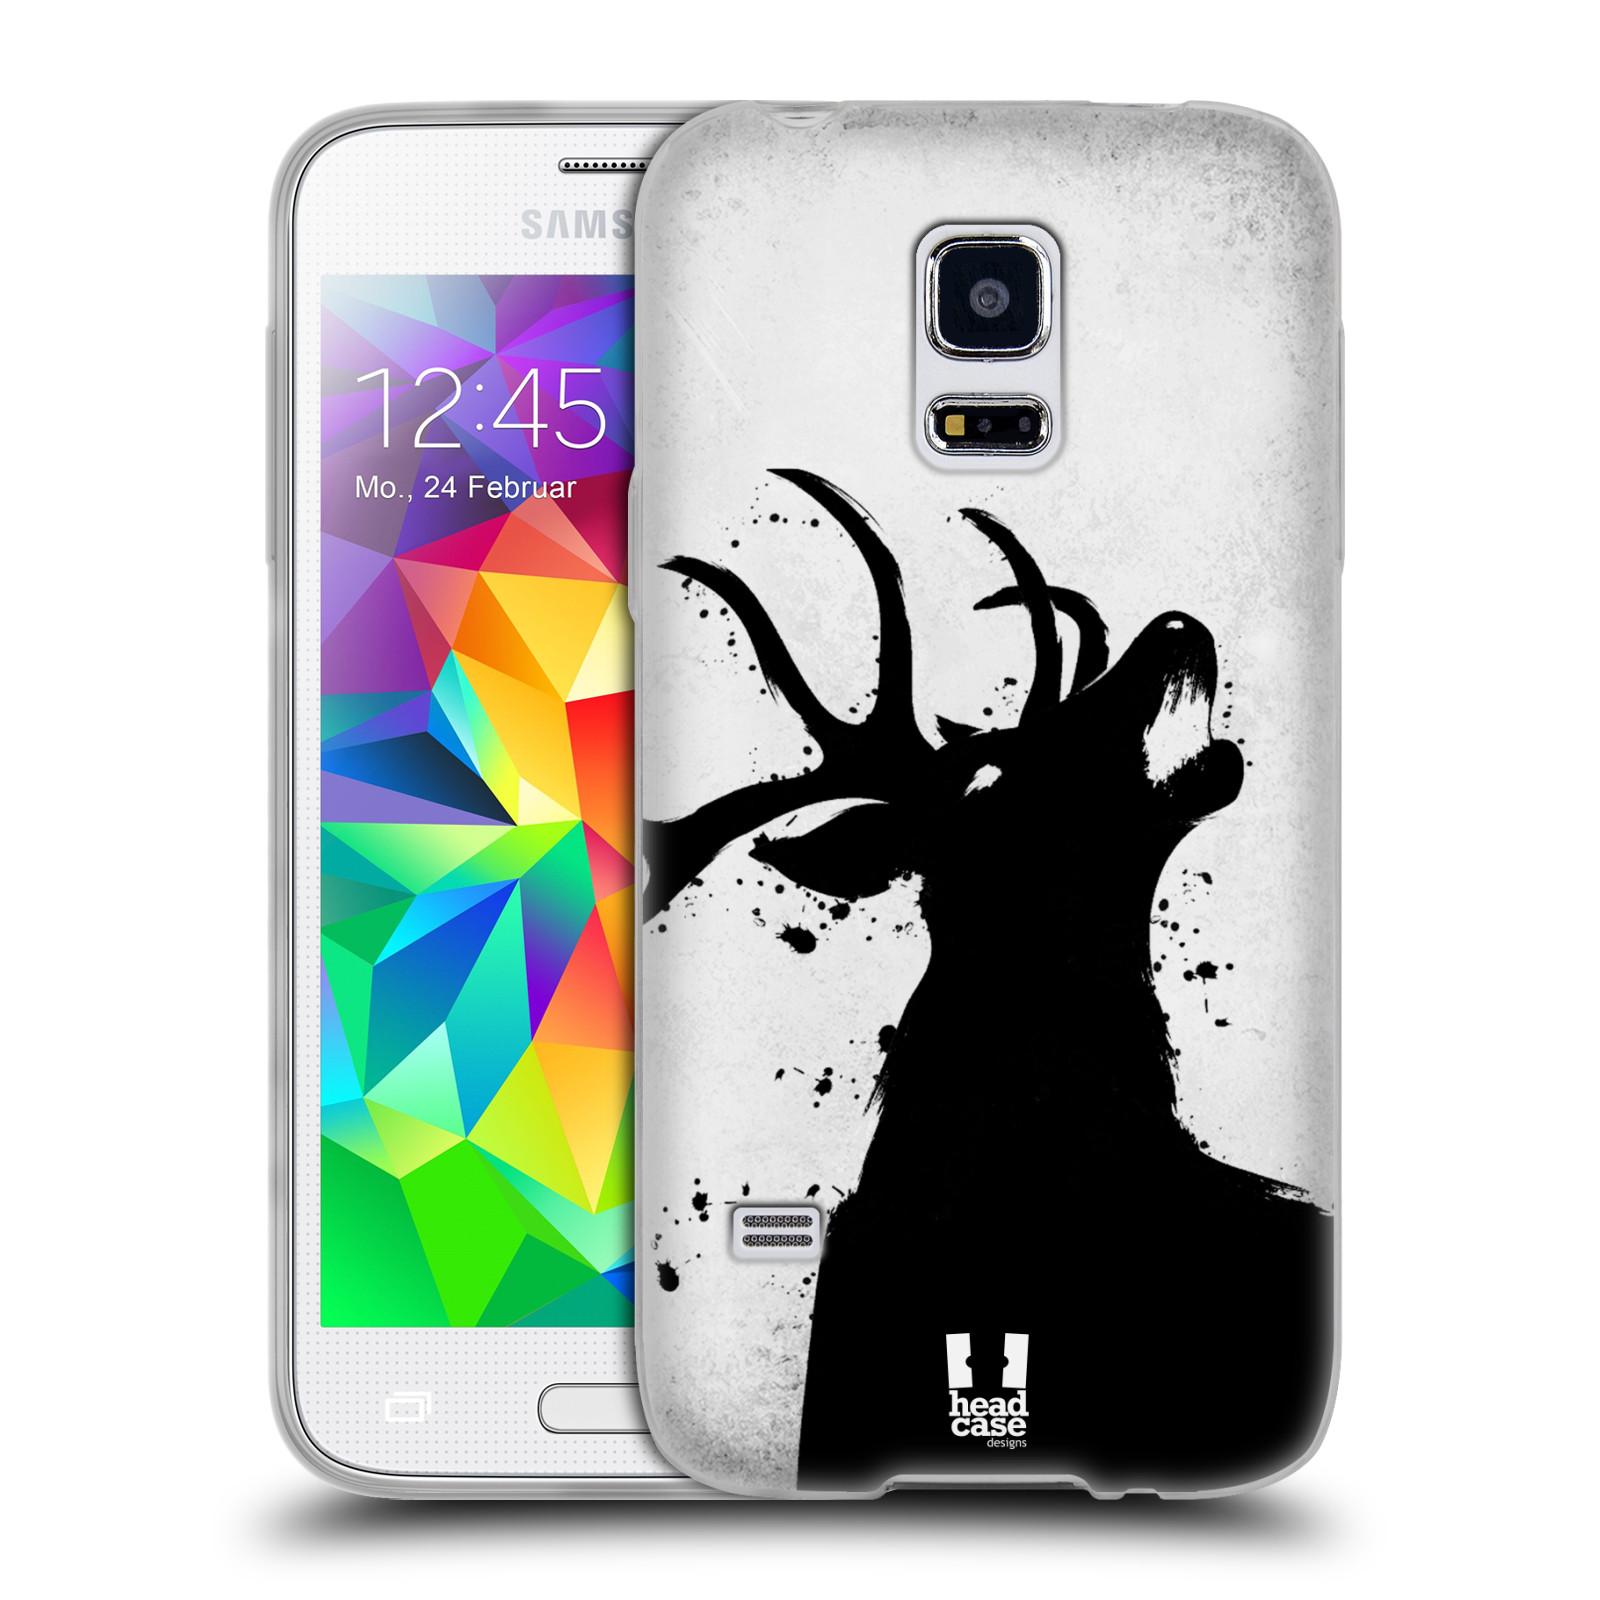 HEAD CASE silikonový obal na mobil Samsung Galaxy S5 MINI vzor Kresba tuš zvíře jelen